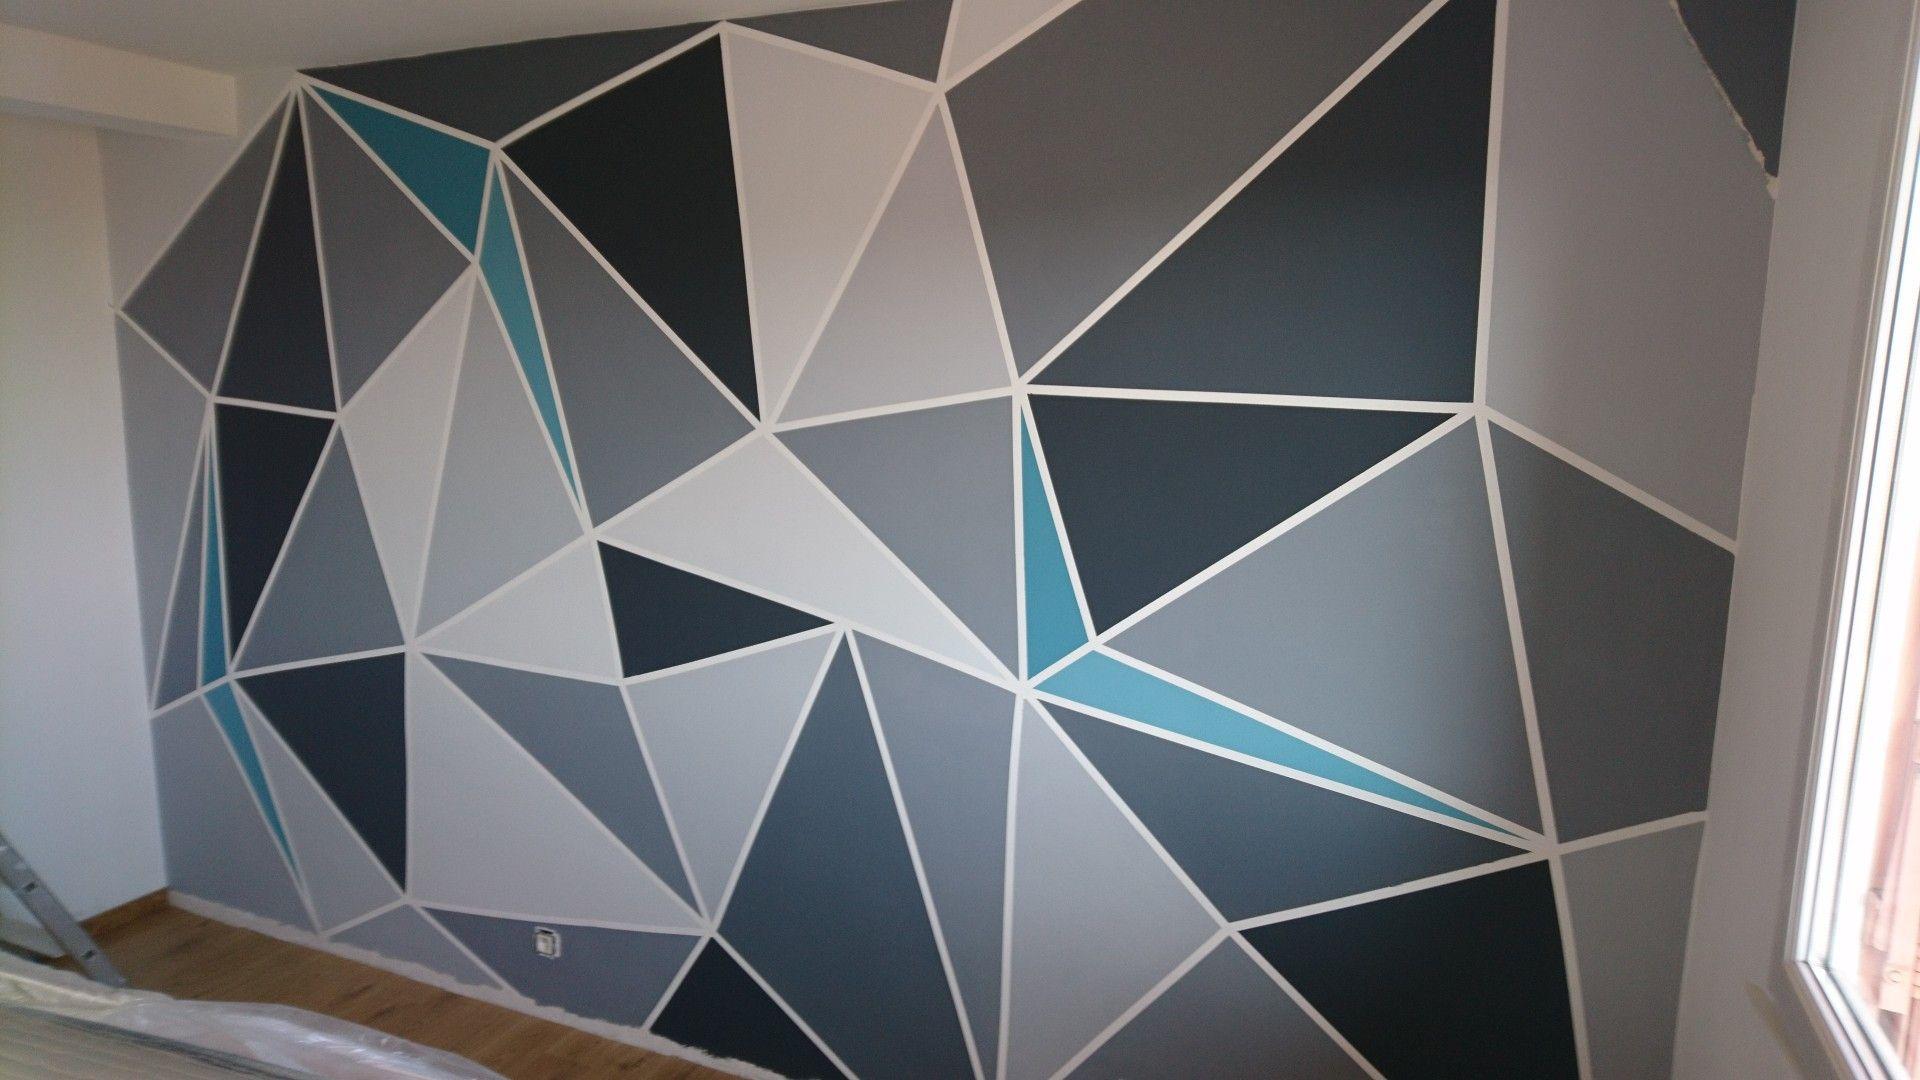 Peinture triangle mur chambre deco  Peinture murale, Parement